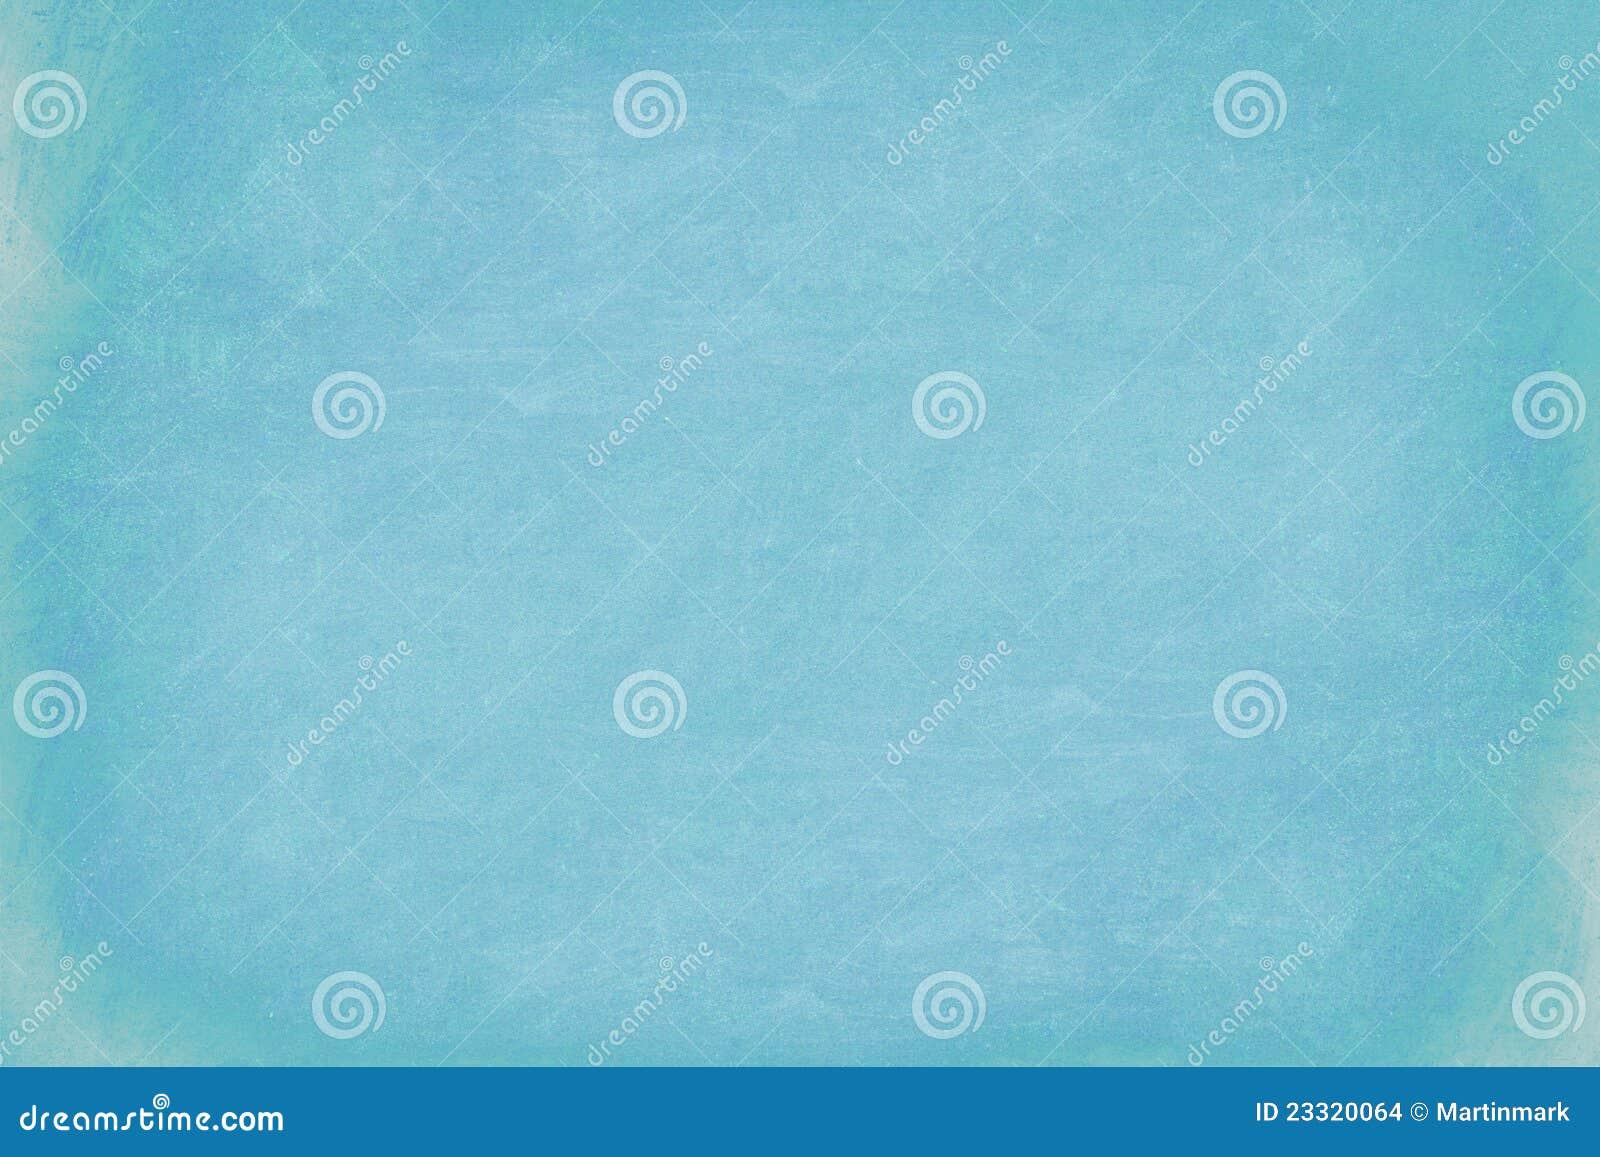 Fundo Azul Da Textura  Claro Textured   Textura Azul Do Quadro Negro